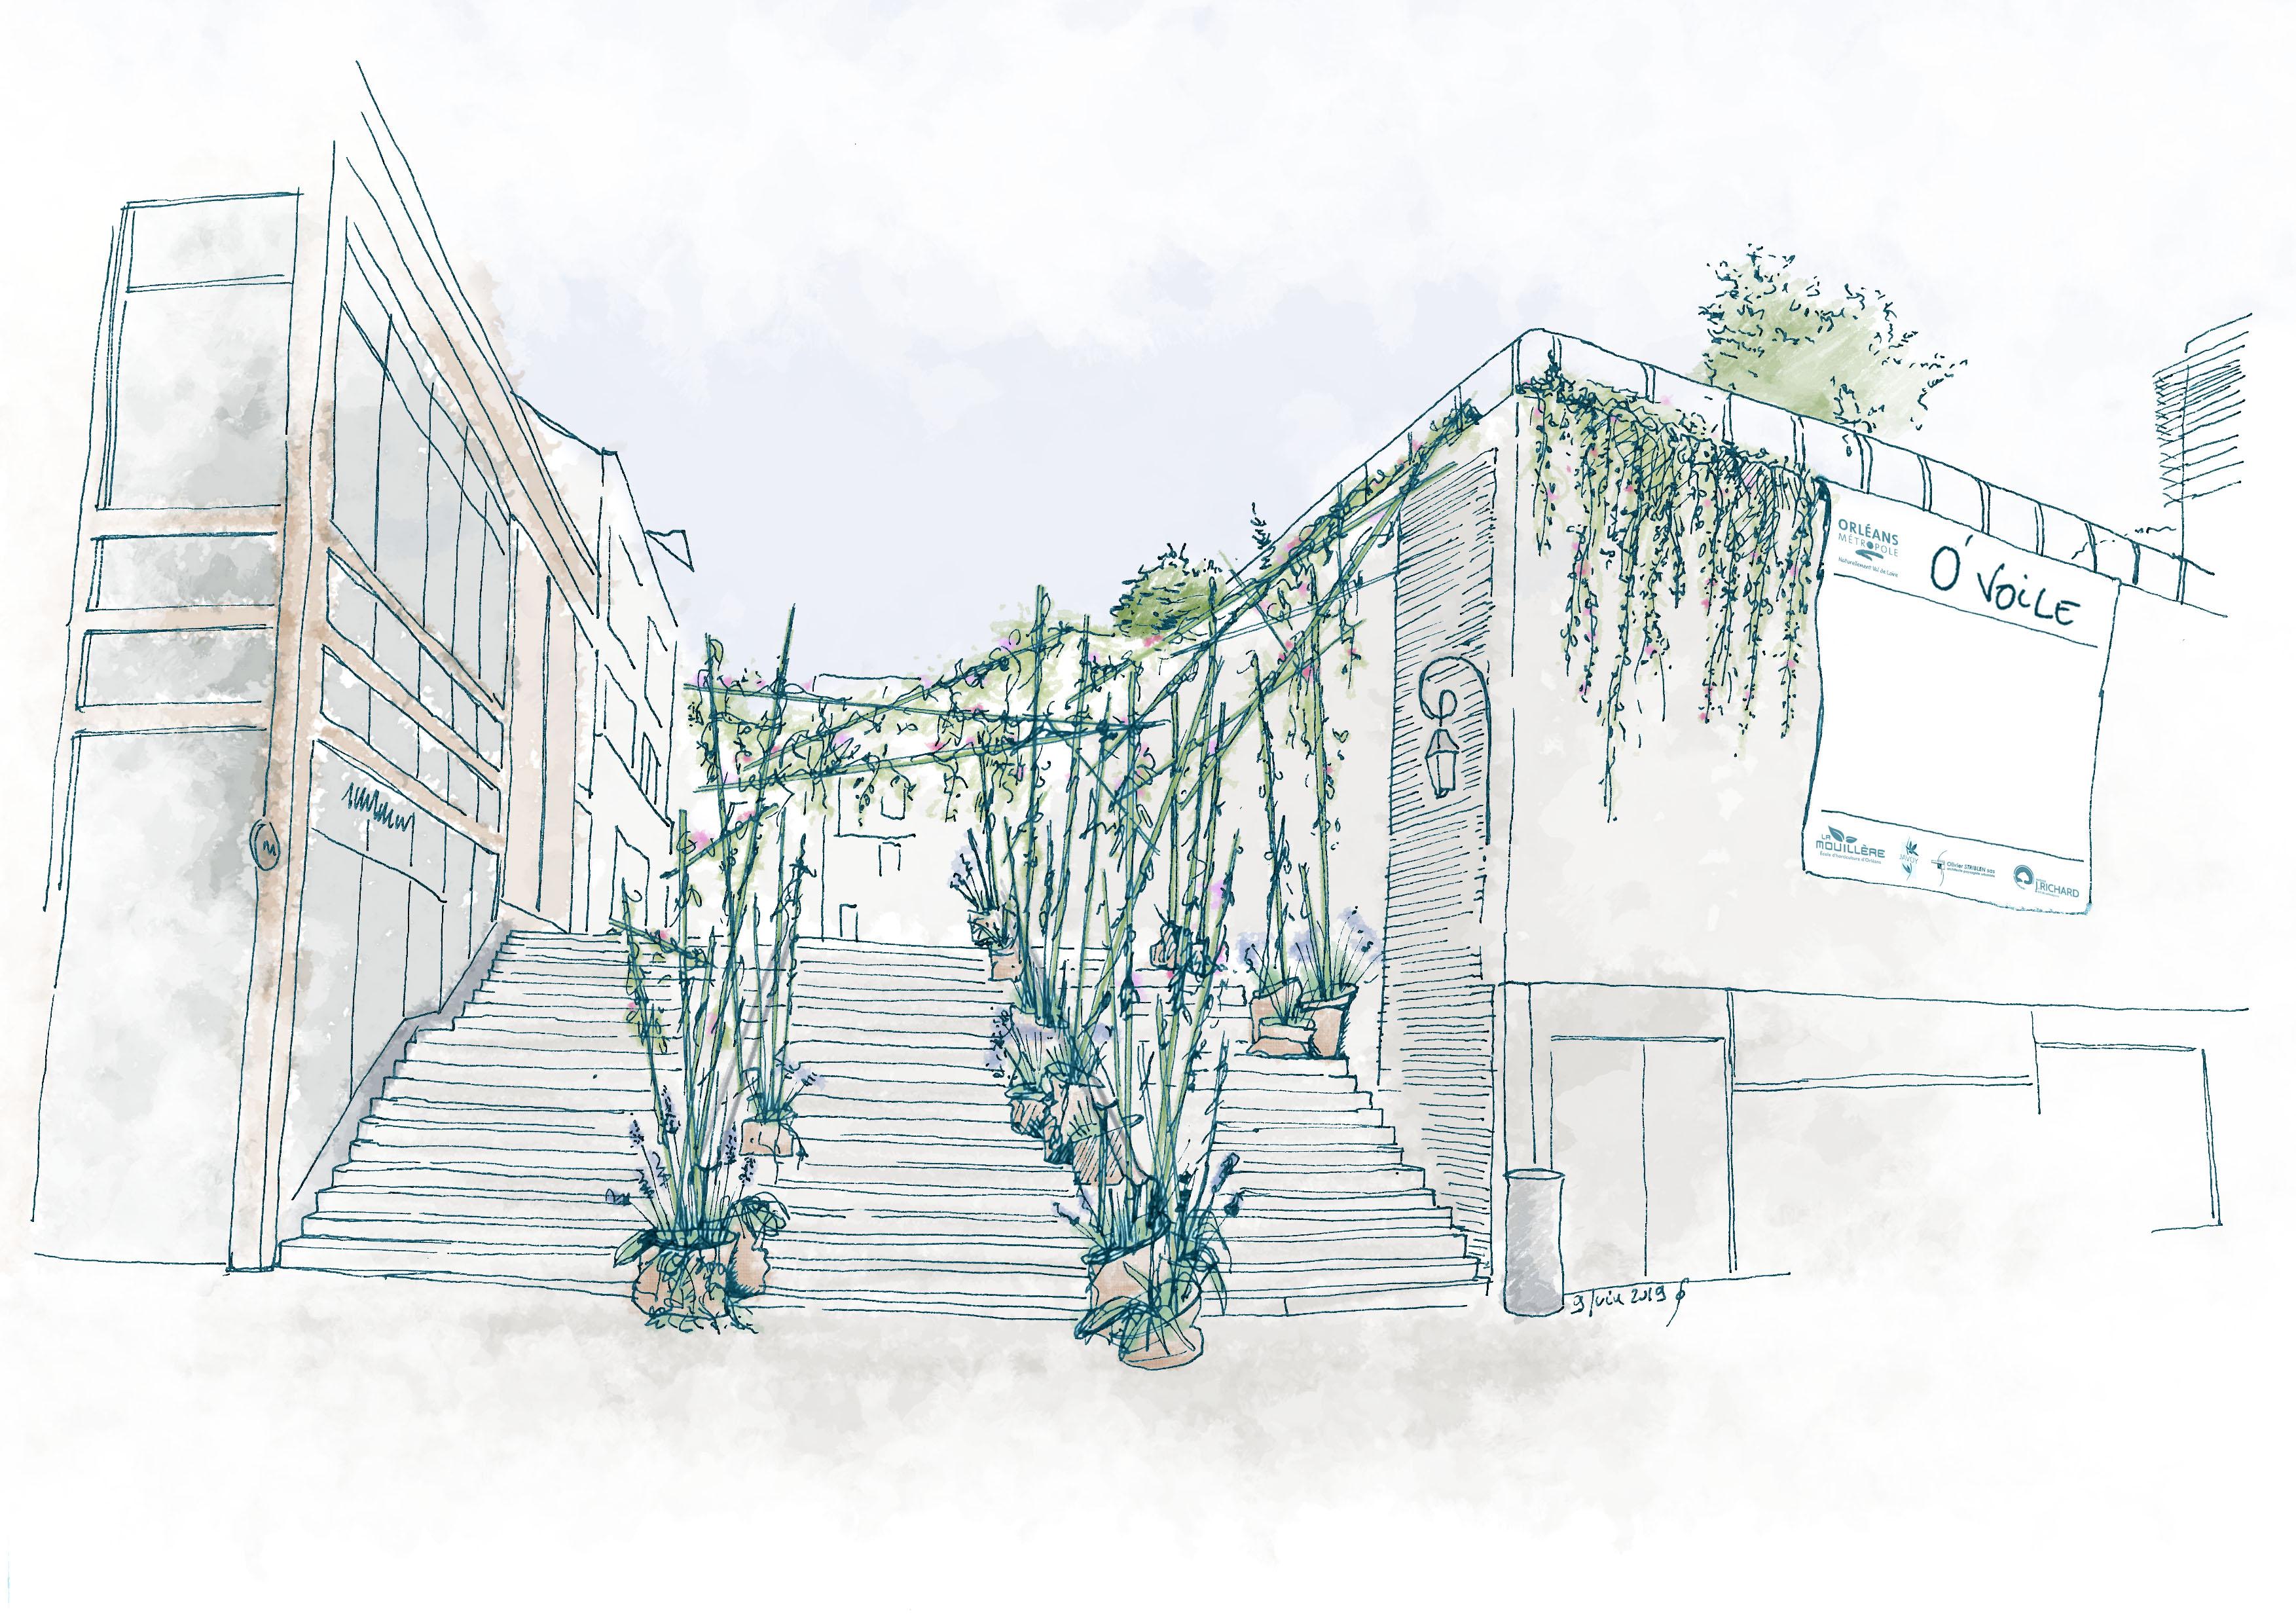 Croquis du jardin O'Toile à Orléans